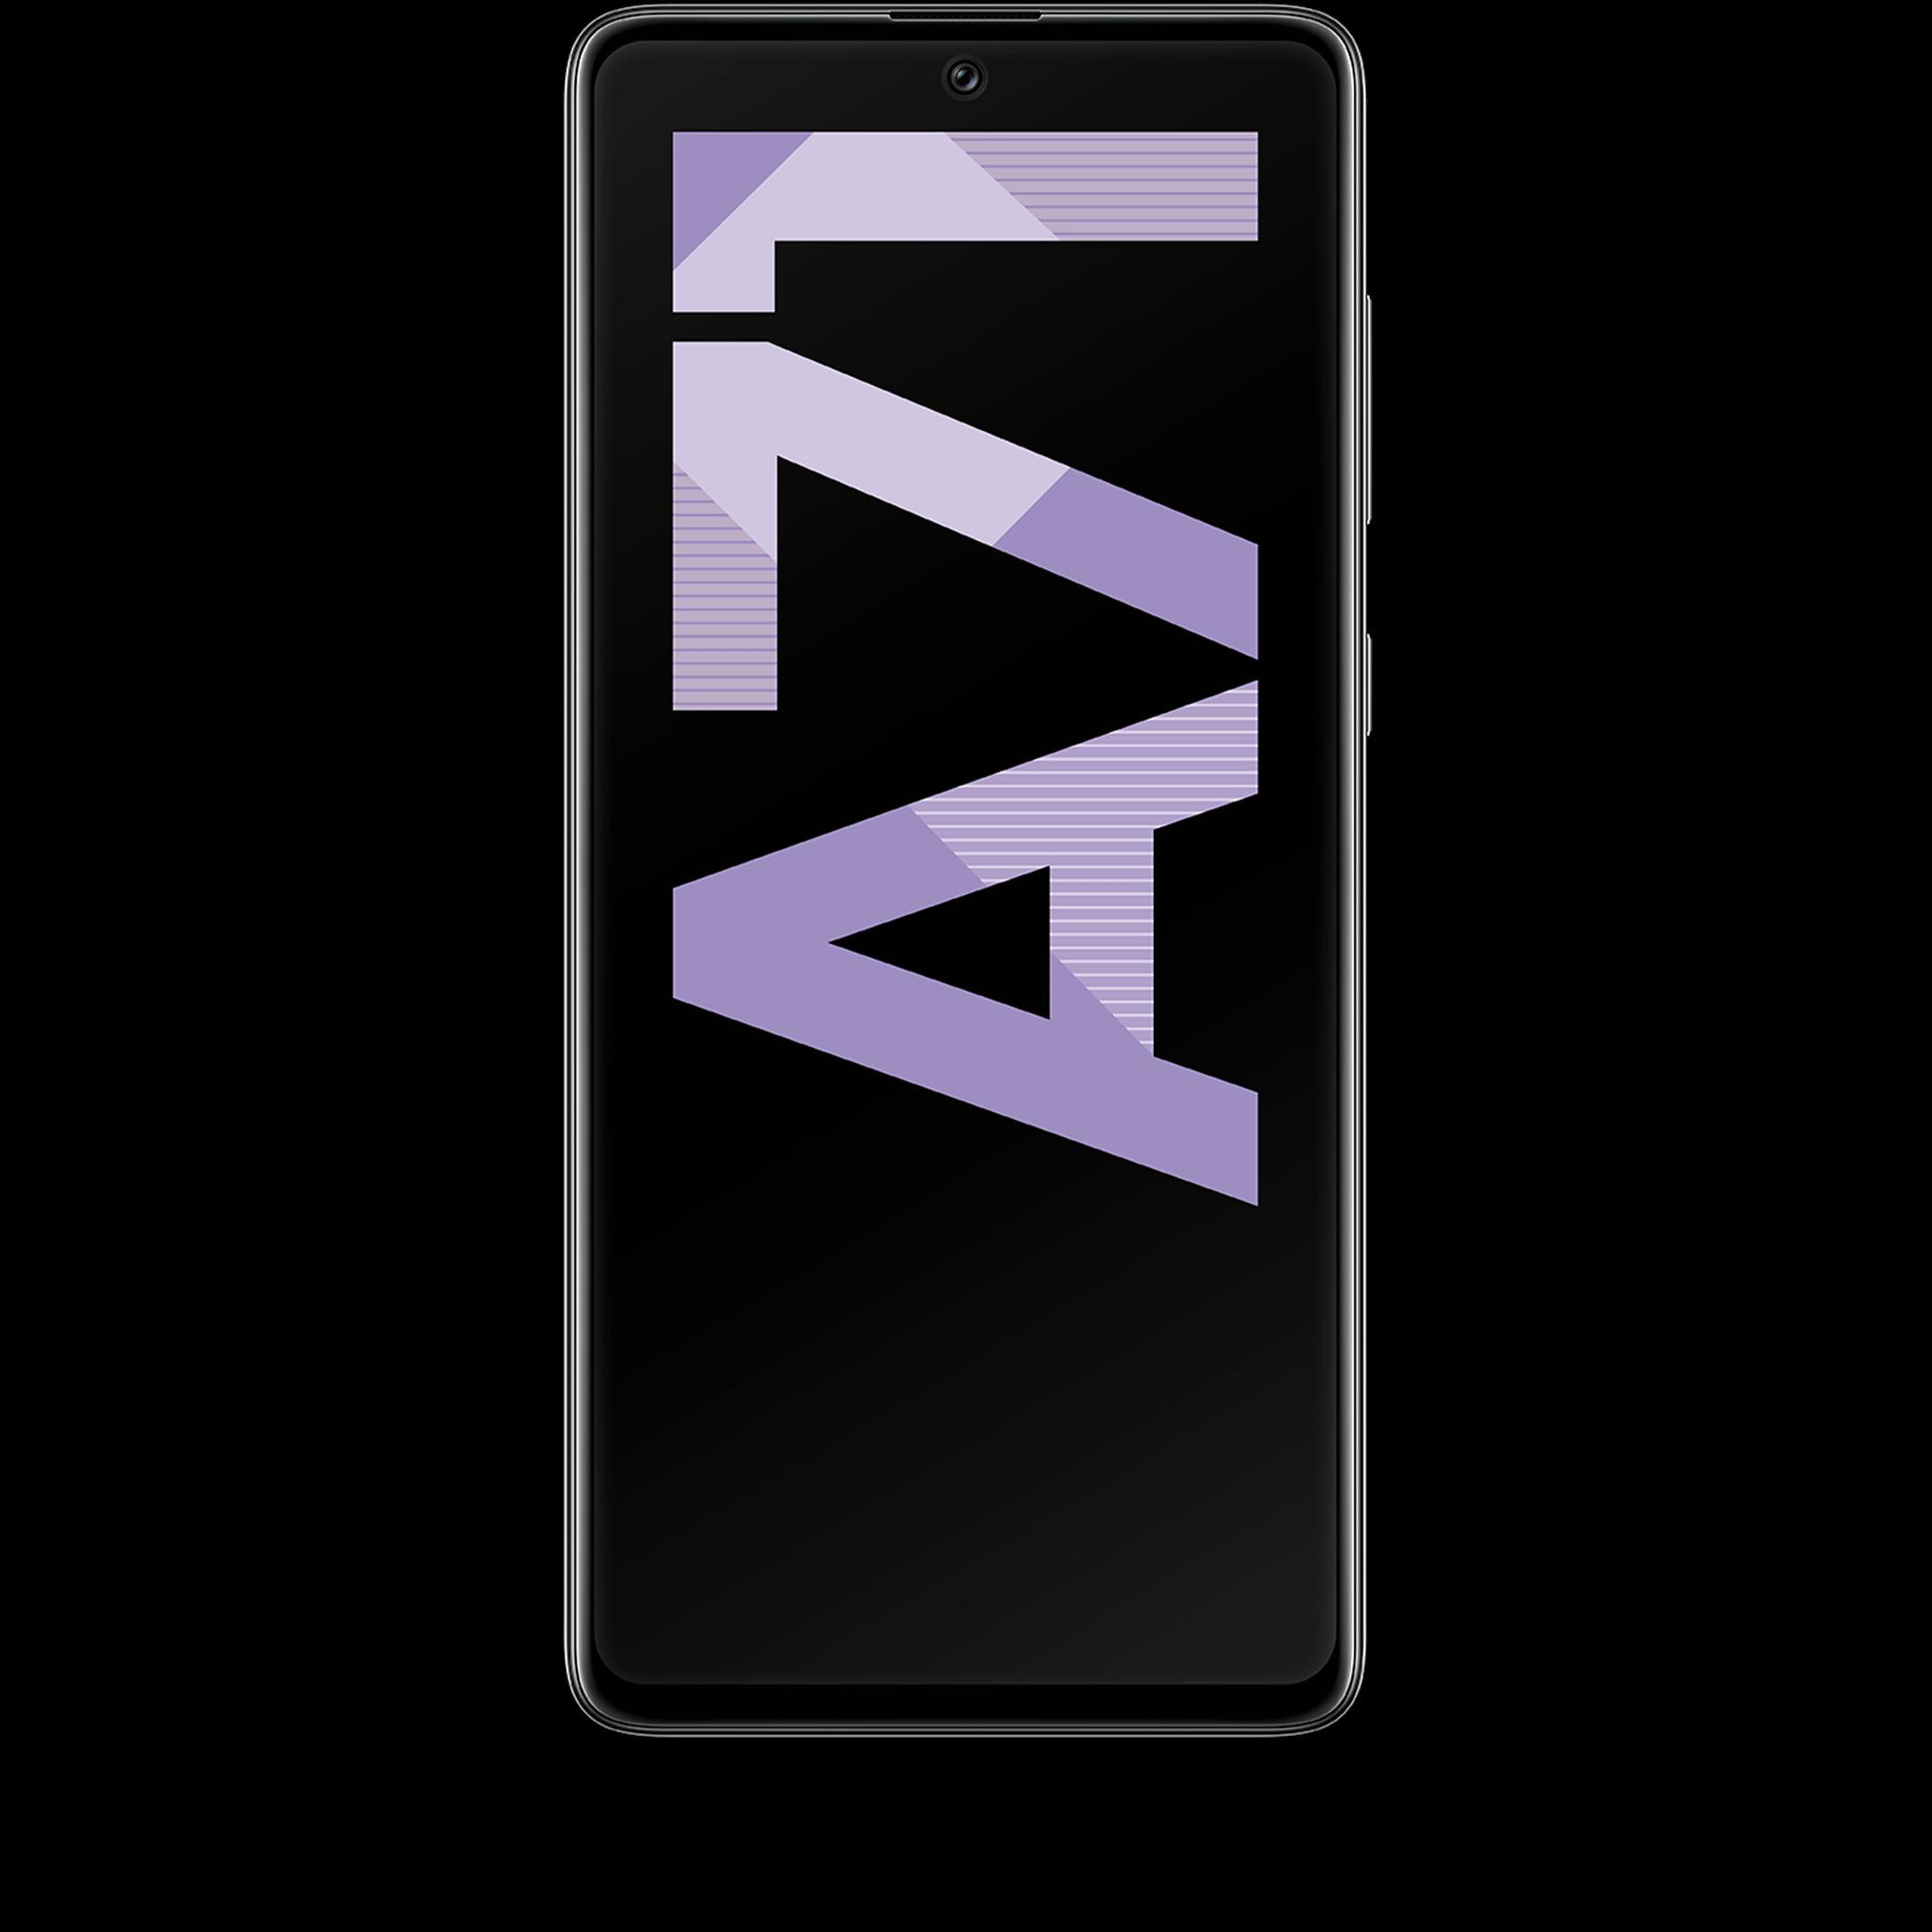 Günstig Kaufen beim Preisvergleich-Samsung Galaxy A71 128 GB prism crush black mit Allnet Flat L